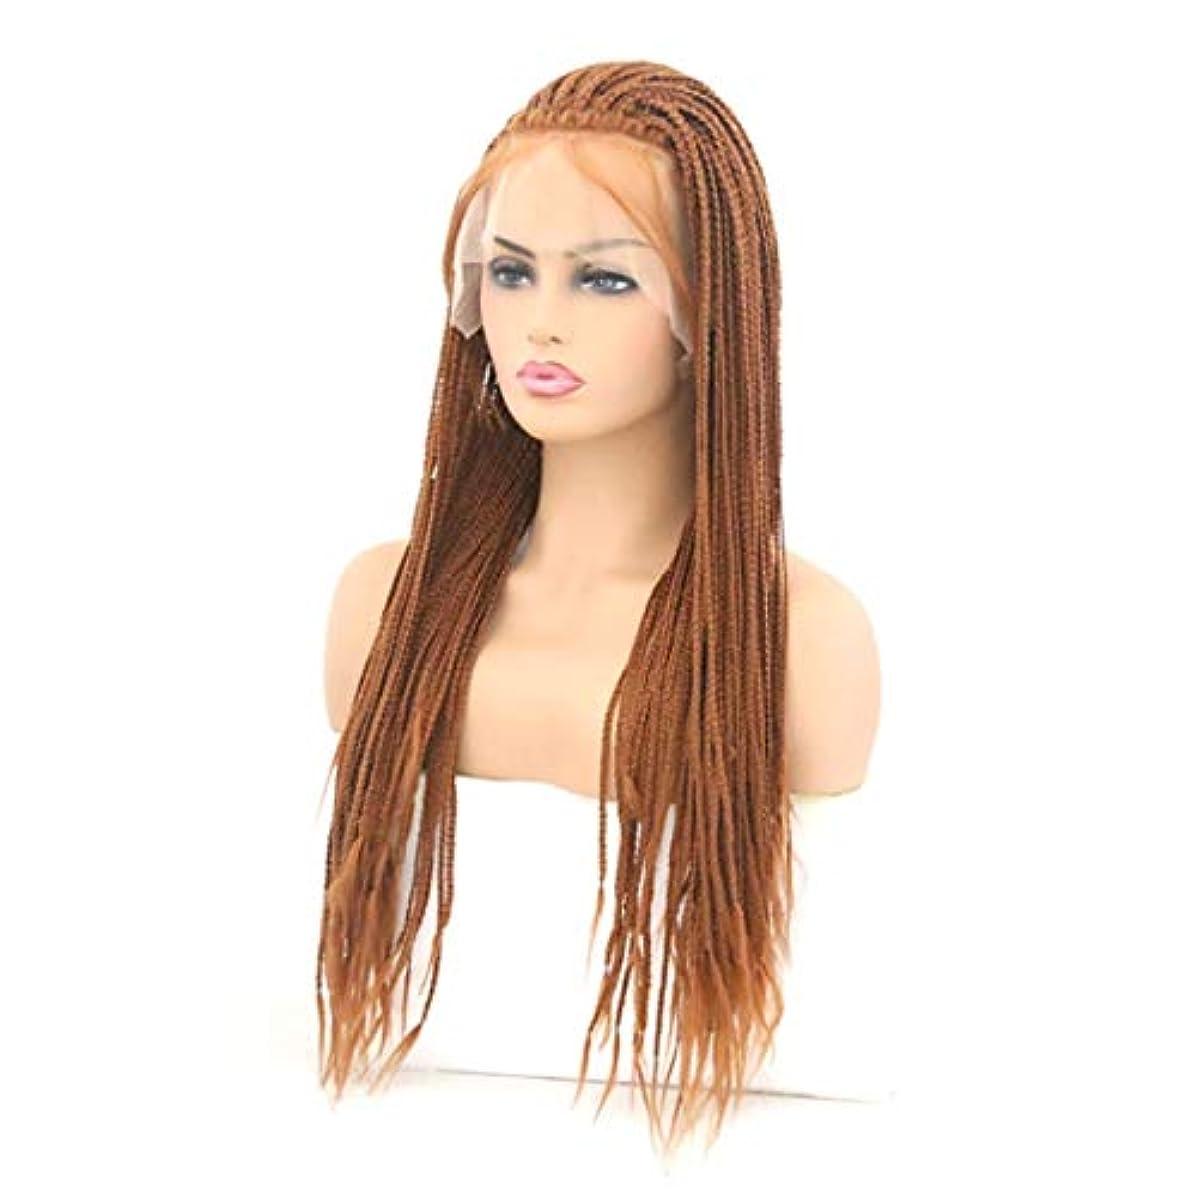 採用する知らせるテープKerwinner かつら女性のための傾斜前髪ショートカーリーヘアーワインレッド高温シルクウィッグ